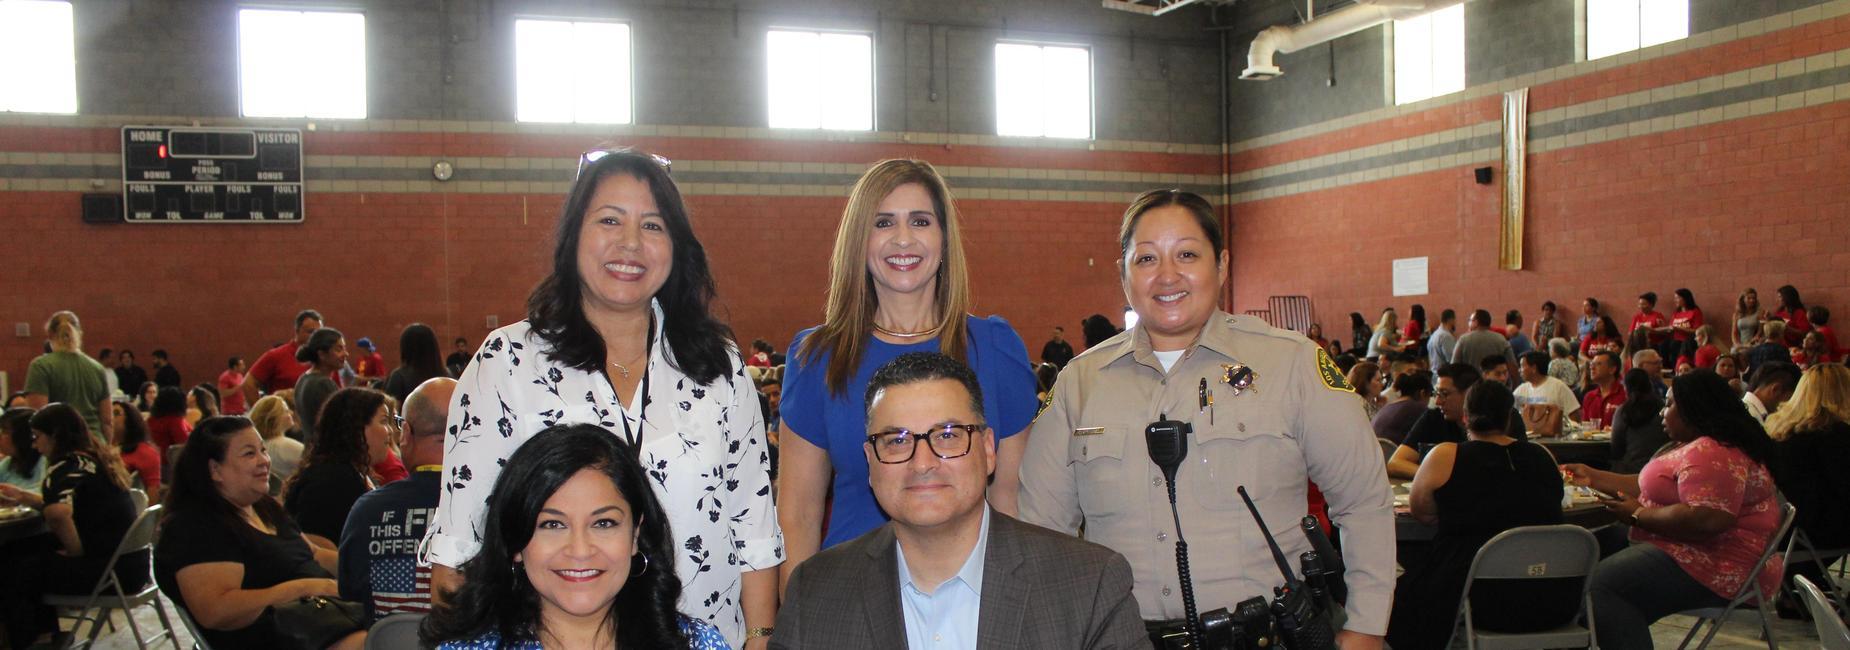 Ms. Soto-Delgado, Dr. Cardenas, Mr. Rojas, Ms. Gonzalez